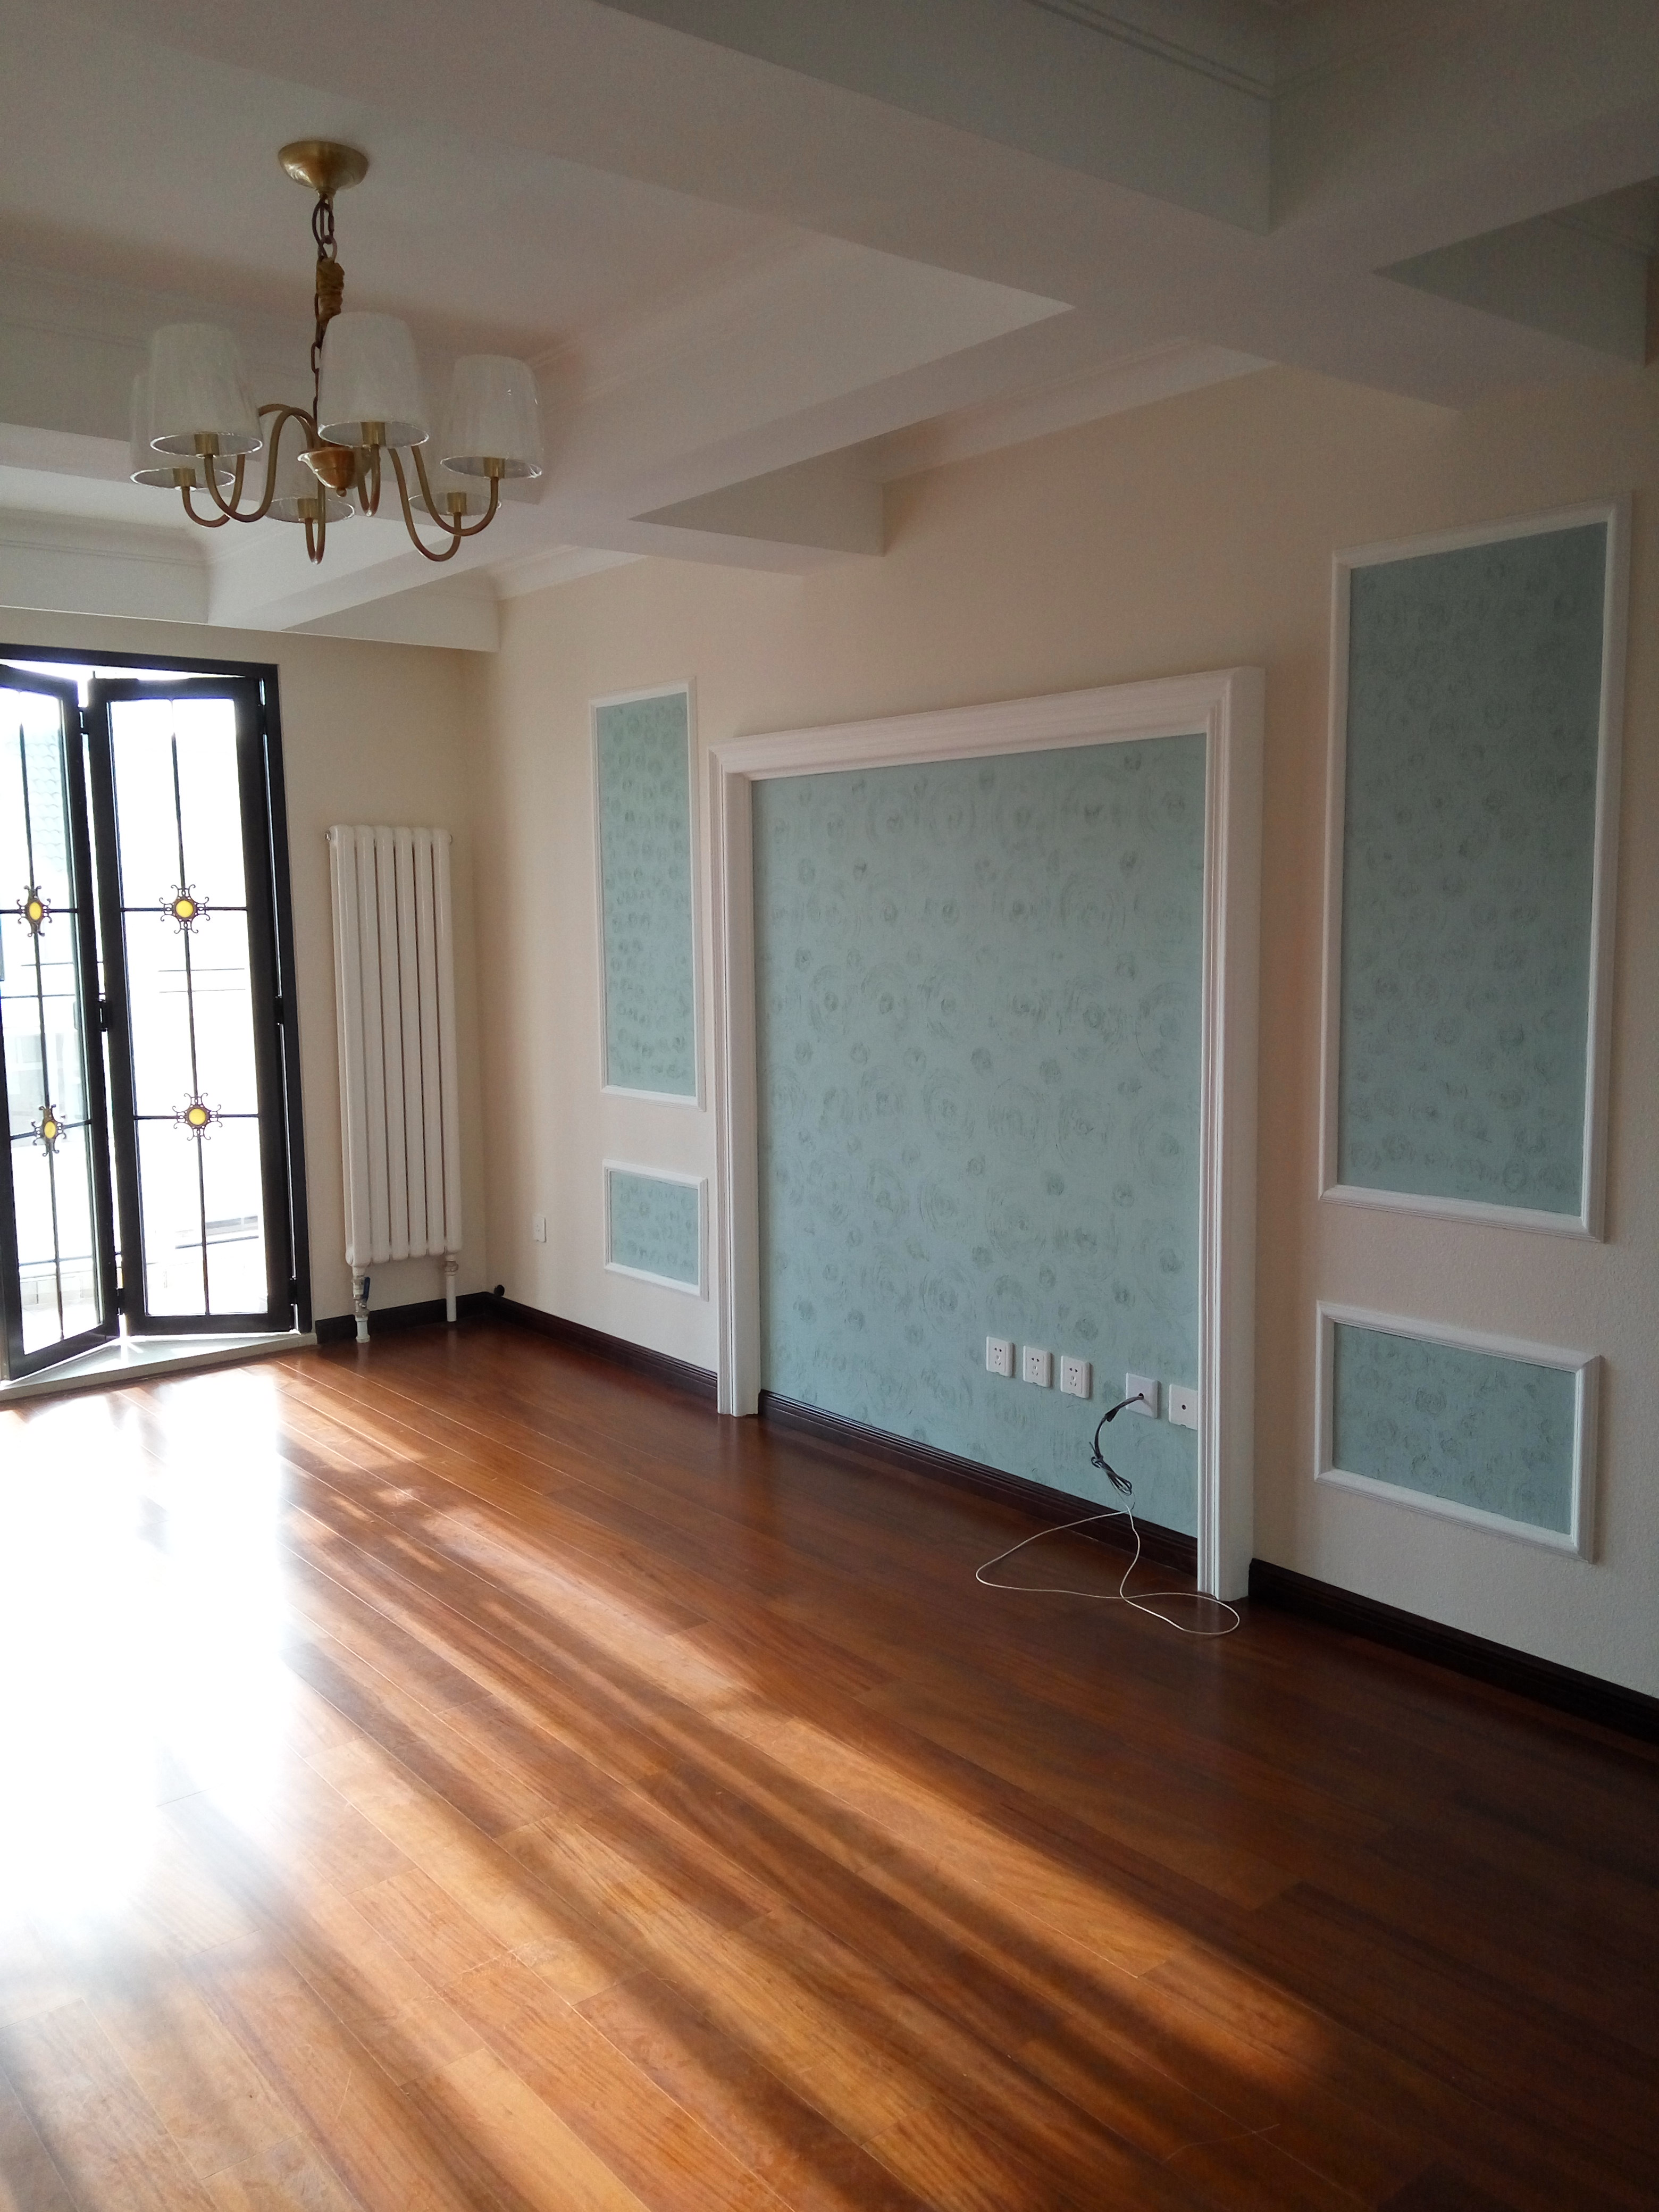 雅馨苑-3室2厅2卫阁楼